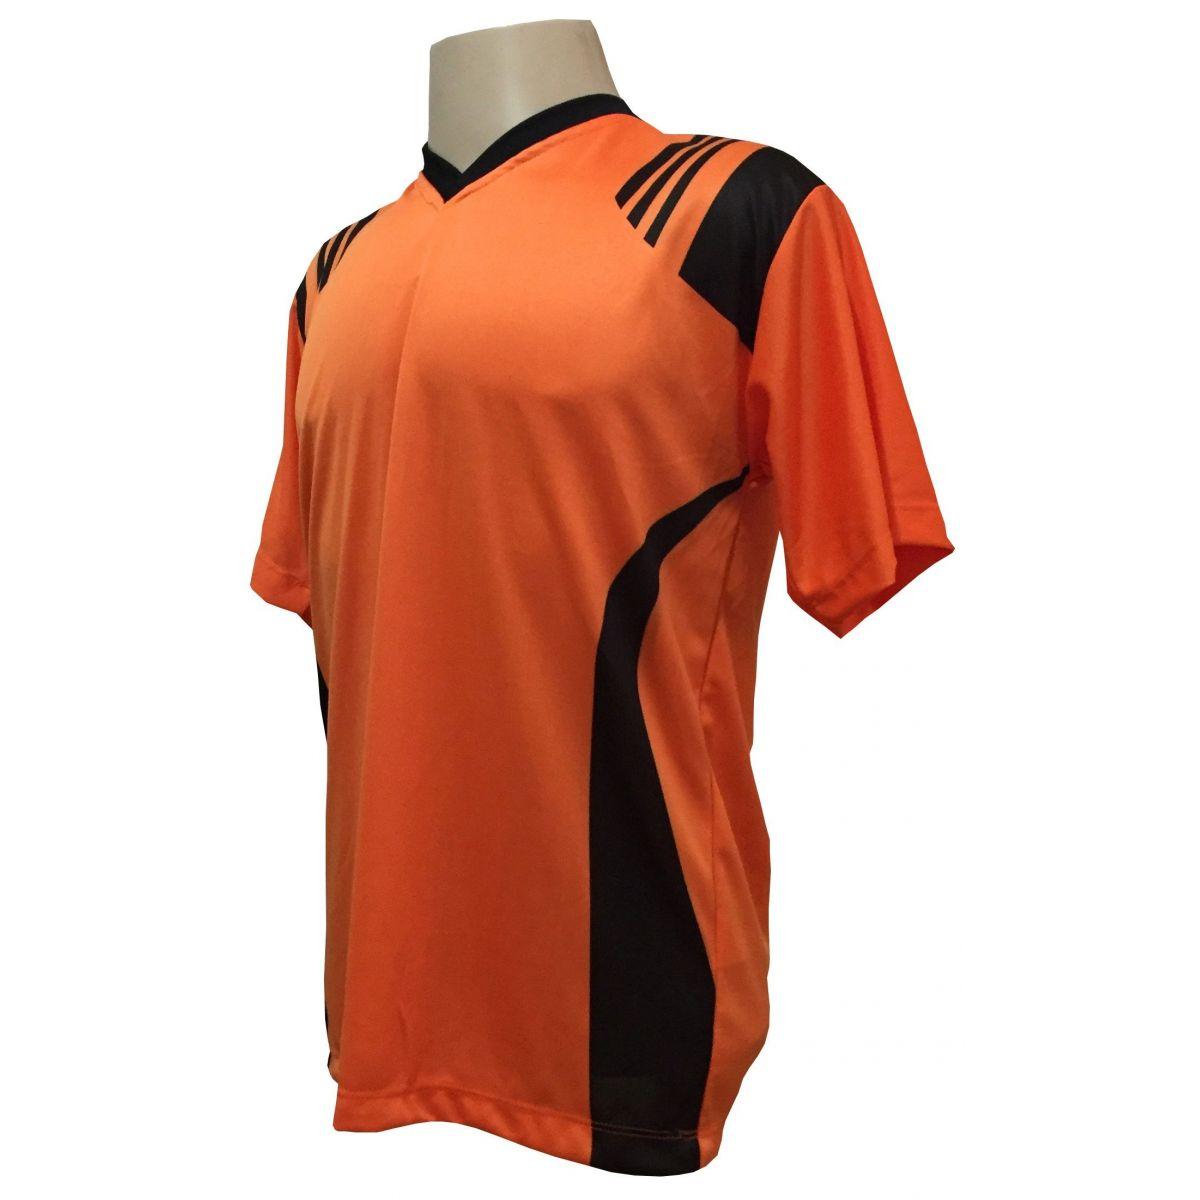 Uniforme Esportivo com 12 Camisas modelo Roma Laranja/Preto + 12 Calções modelo Madrid Preto + 12 Pares de meiões Preto   - ESTAÇÃO DO ESPORTE